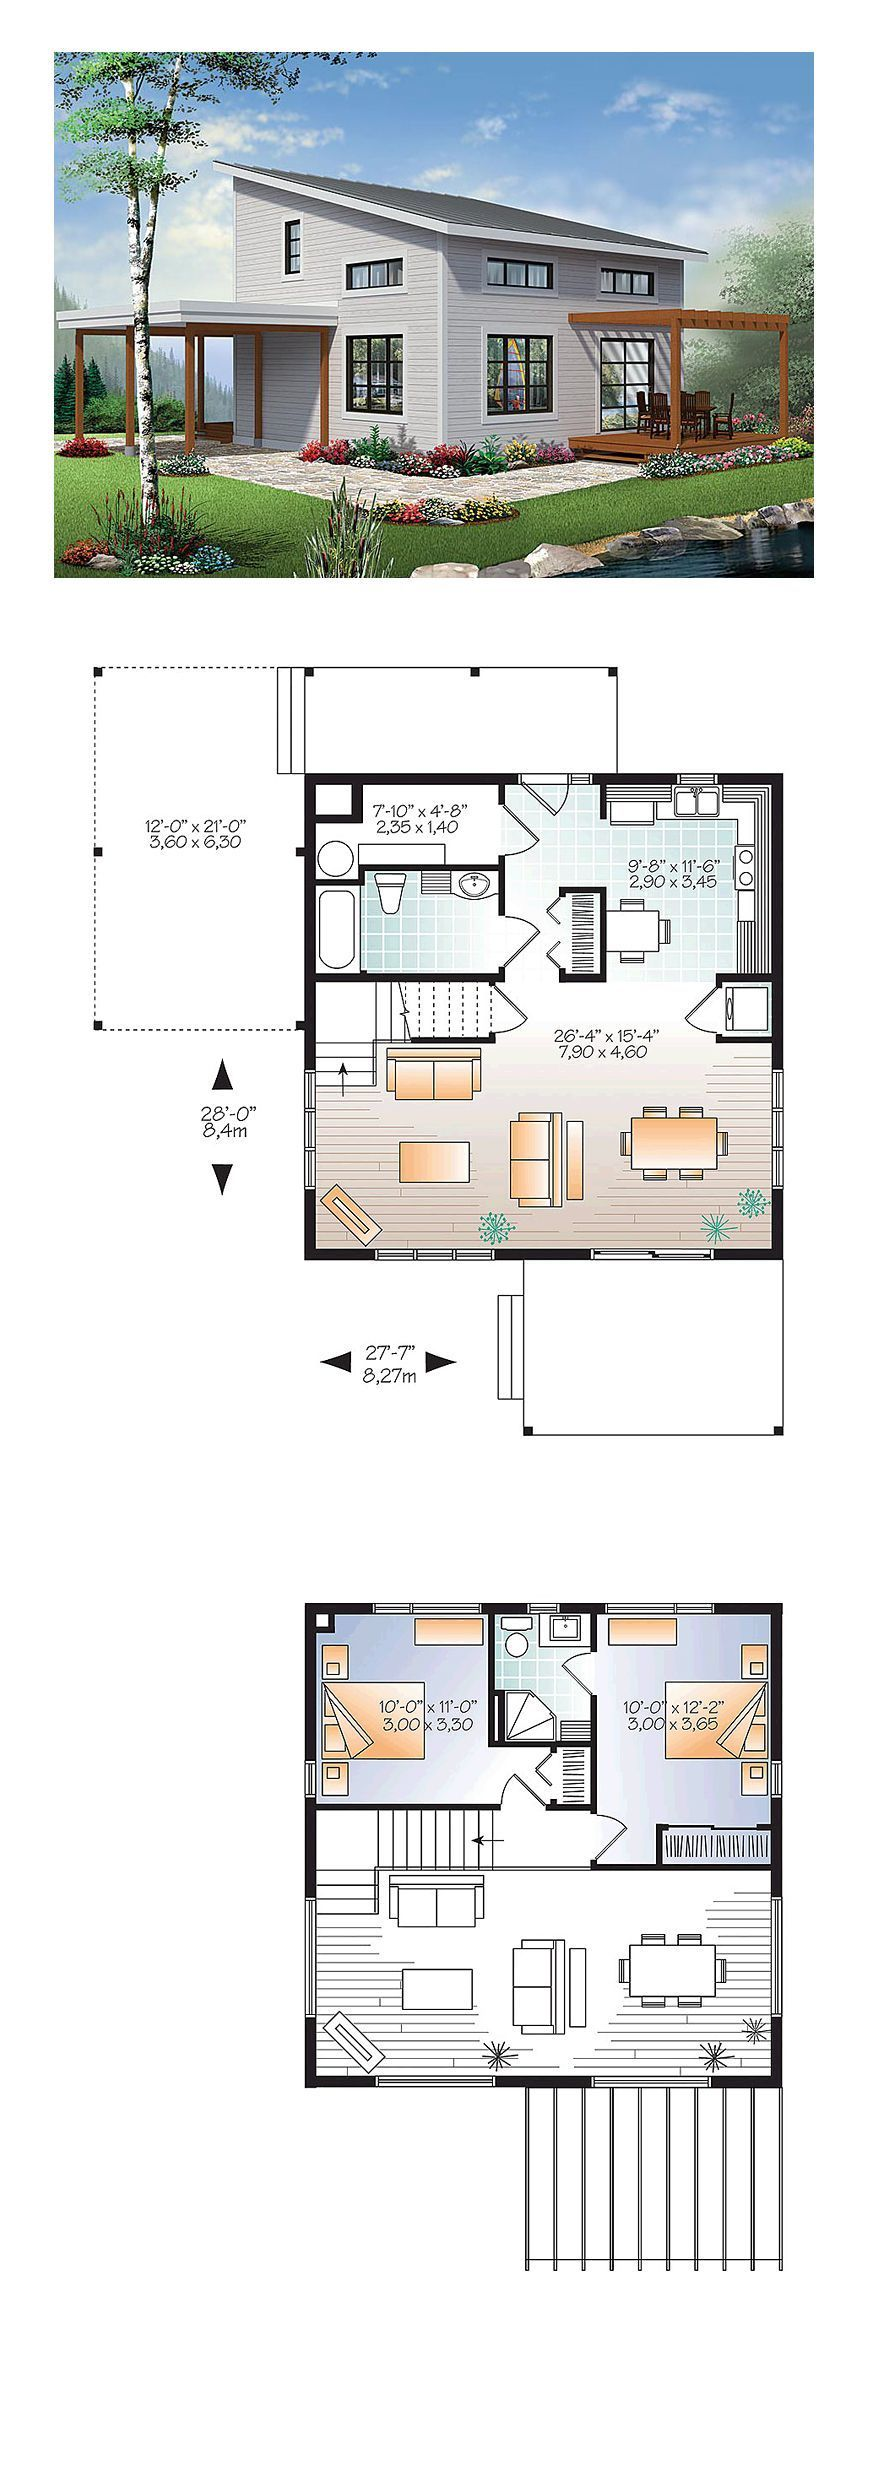 Ranch House Exterior Dream Home Plans - Stylendesigns - #dream #exterior #house #plans #ranch #stylendesigns - #Mezzanine